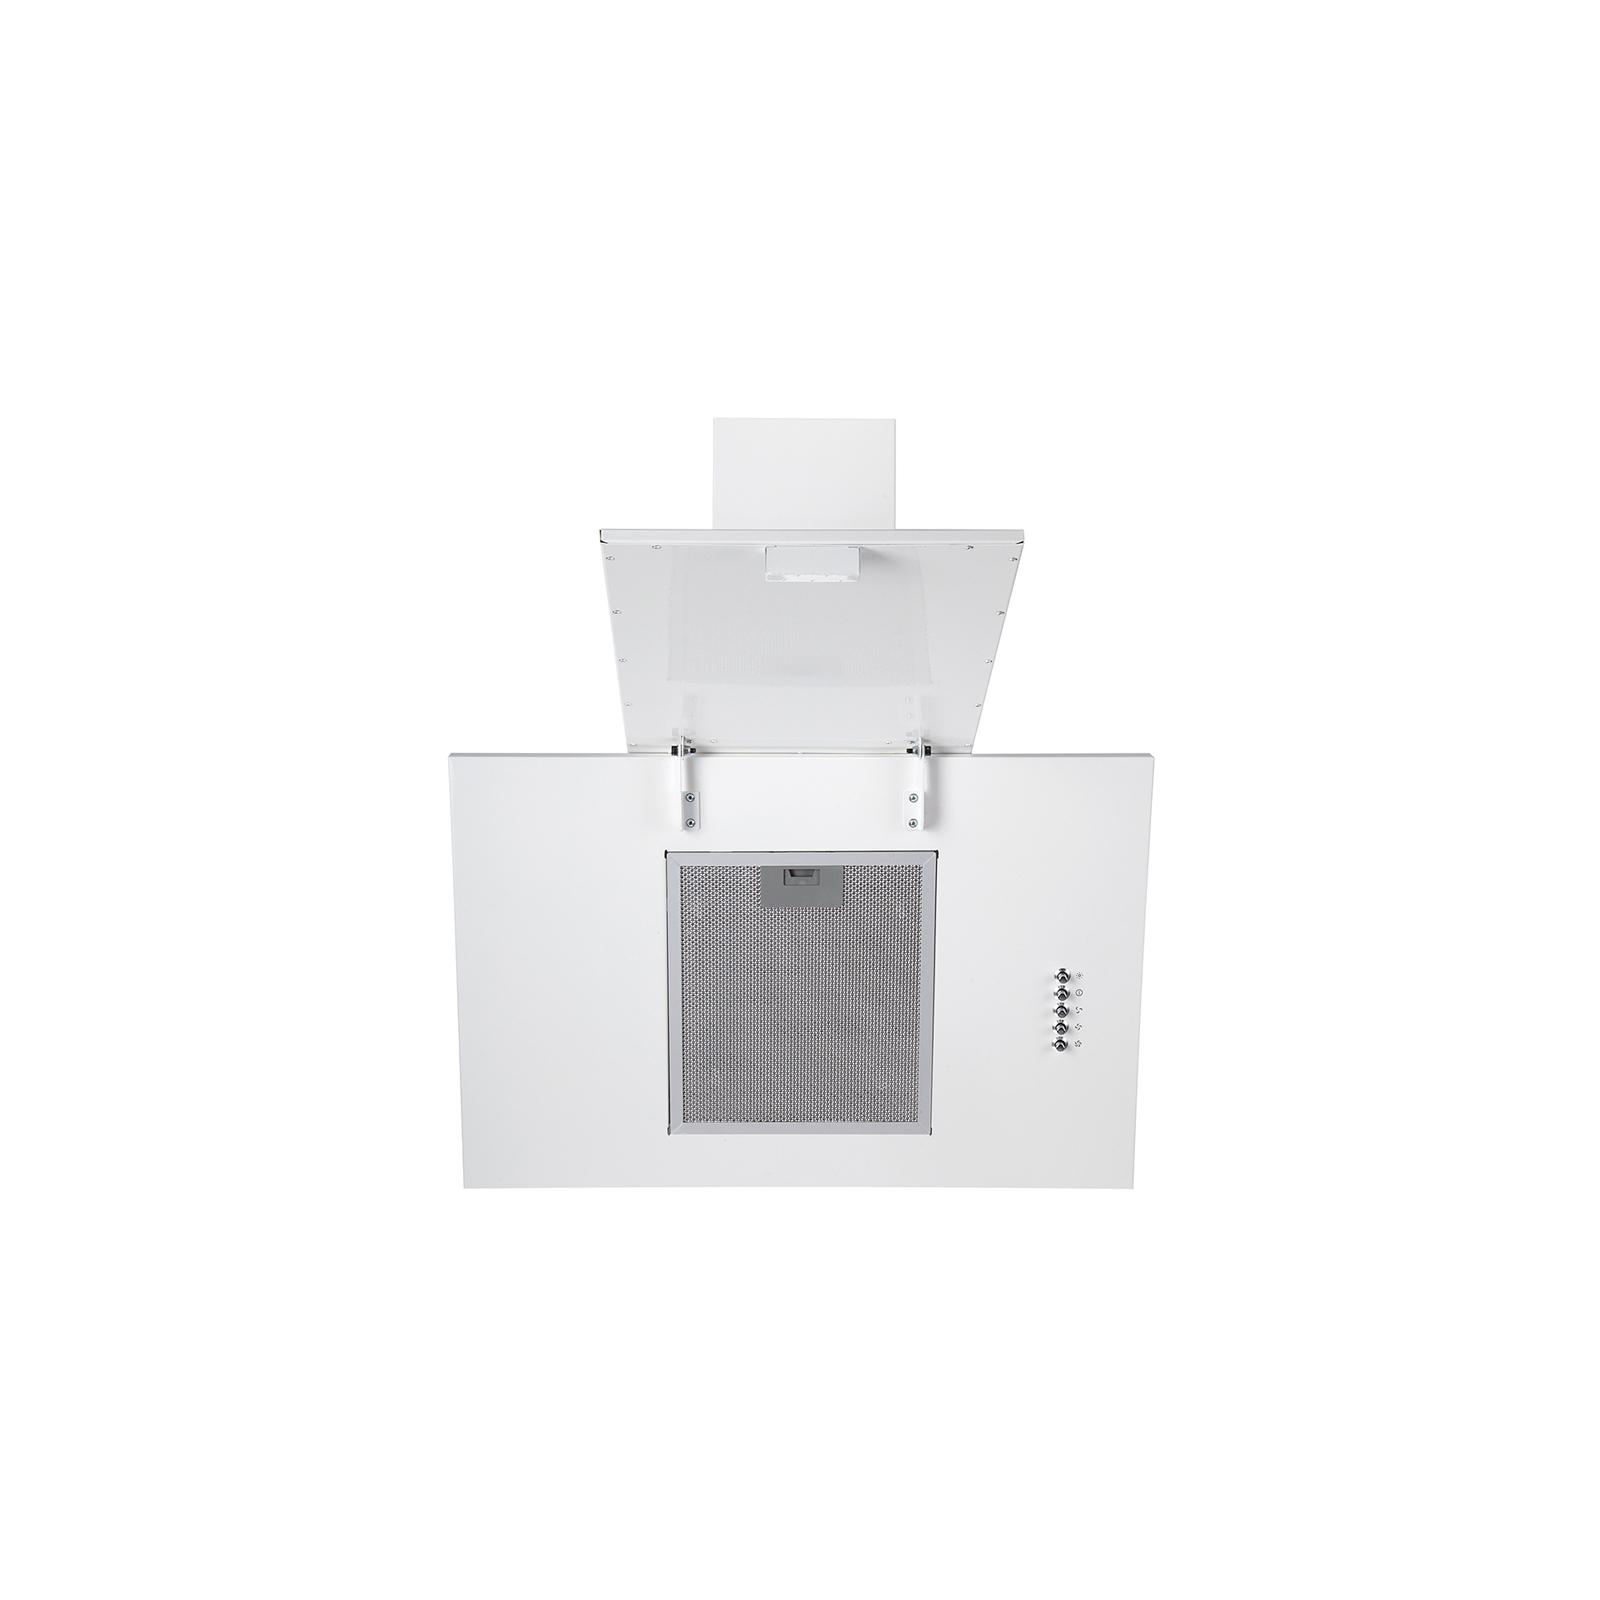 Вытяжка кухонная PYRAMIDA KZ 60 BL изображение 3